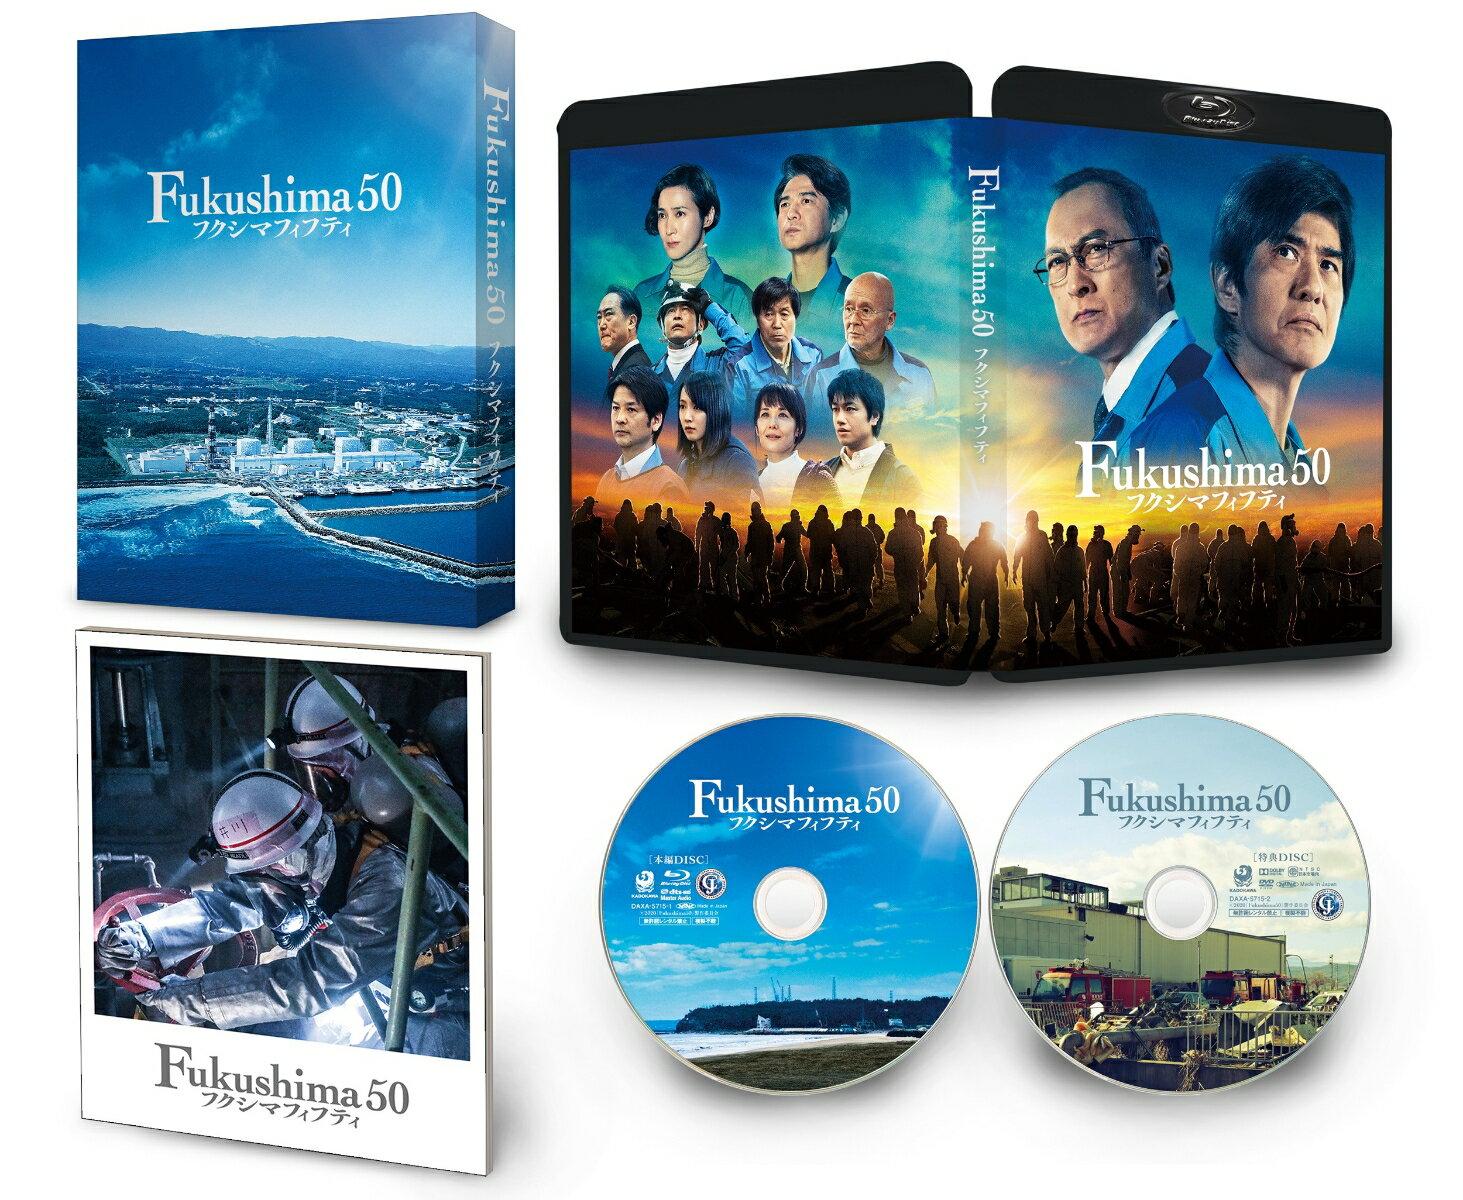 Fukushima 50 Blu-ray豪華版(特典DVD付)【Blu-ray】